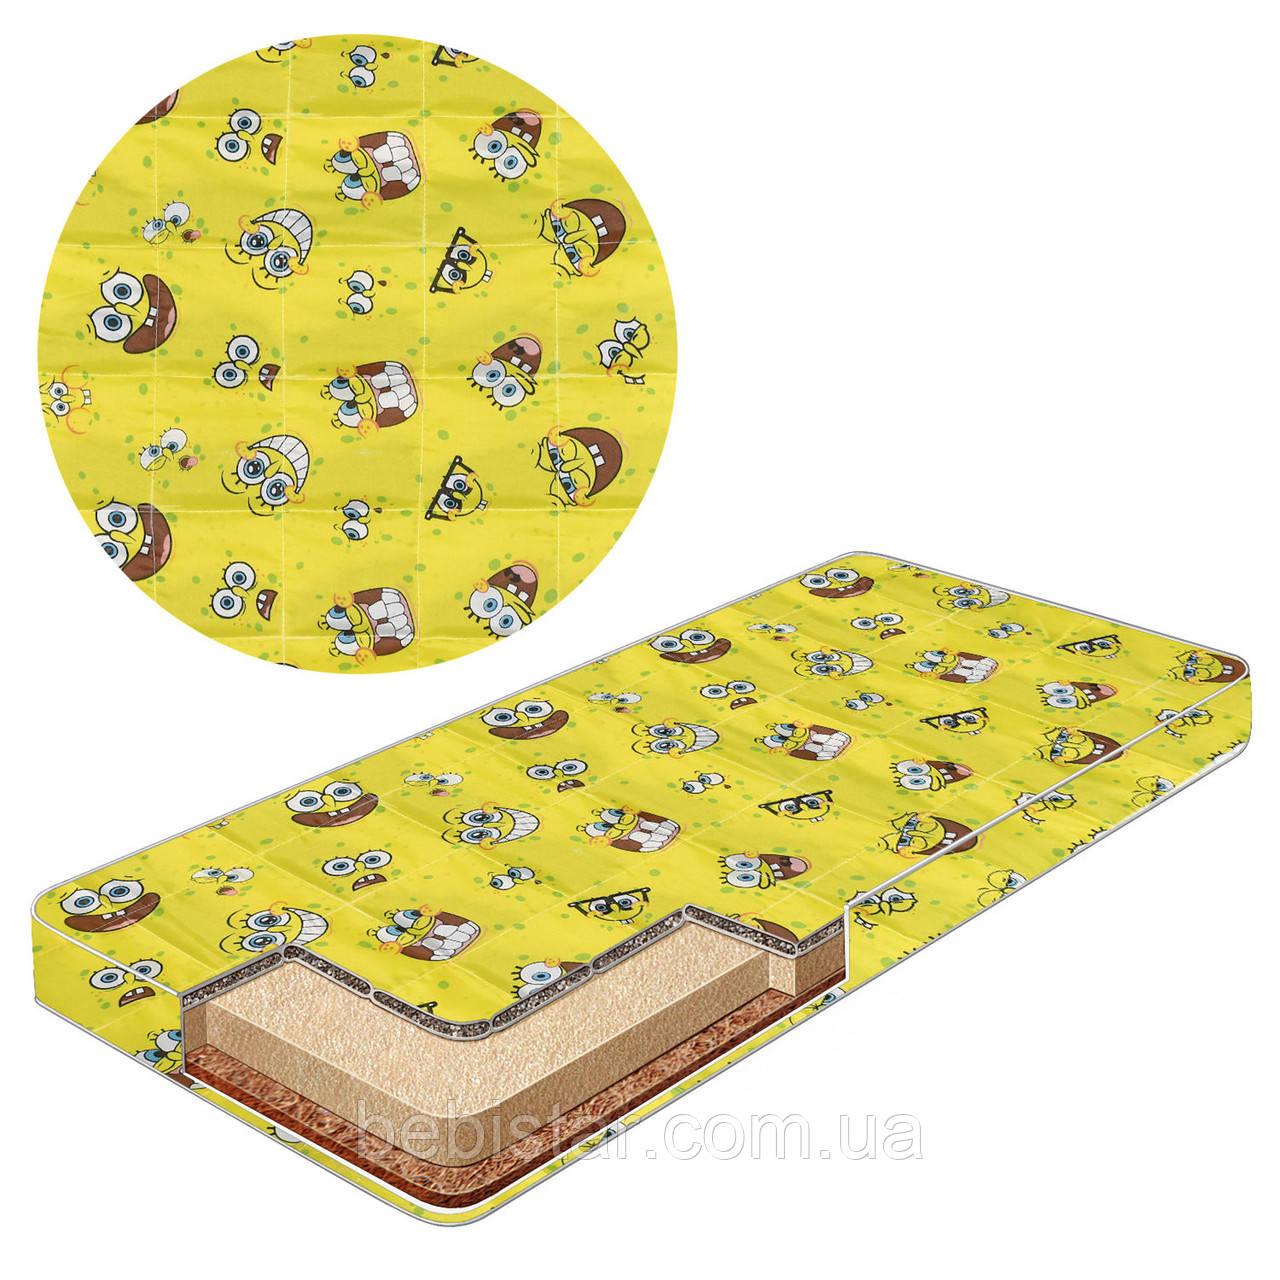 Детский матрас желтый Спанч Боб гречневая лузга, пенополиуретан, кокосовый мат